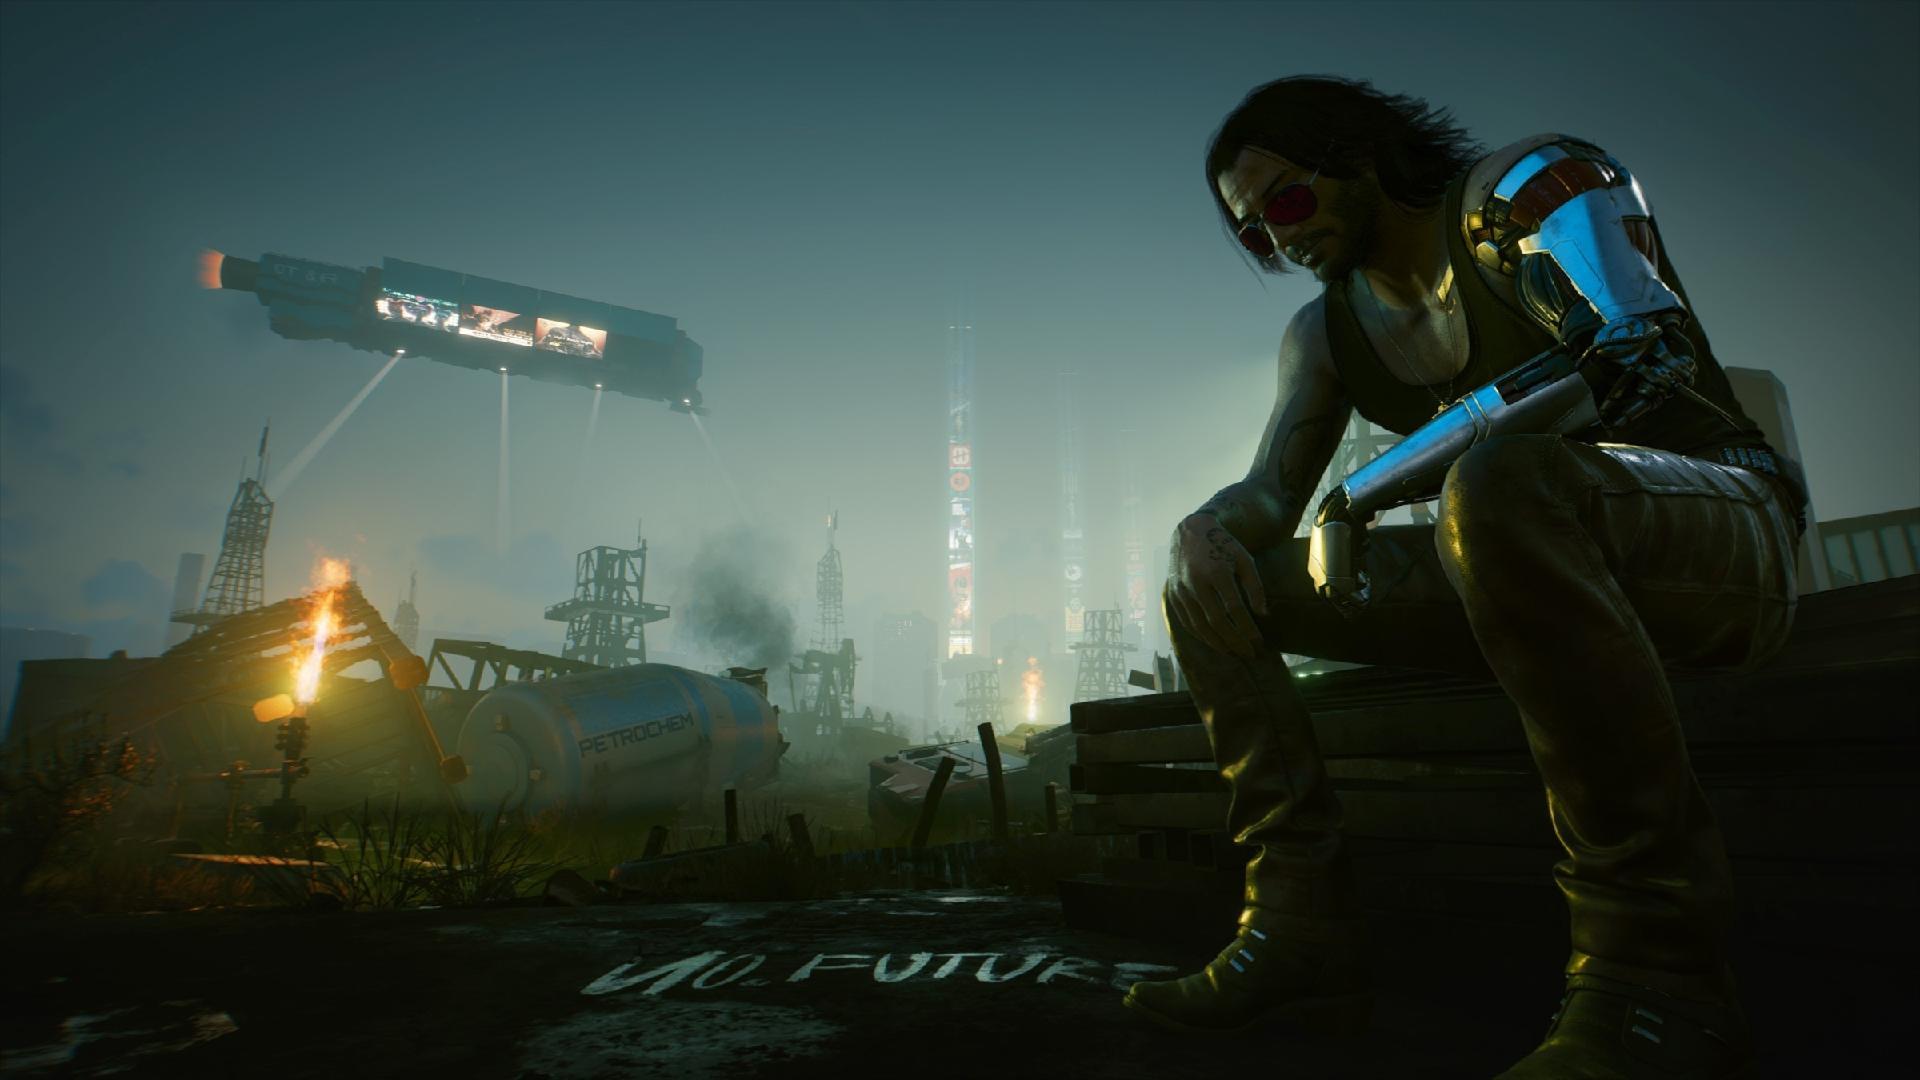 As promessas que Cyberpunk 2077 fez e não cumpriu - 22/12/2020 - UOL Start